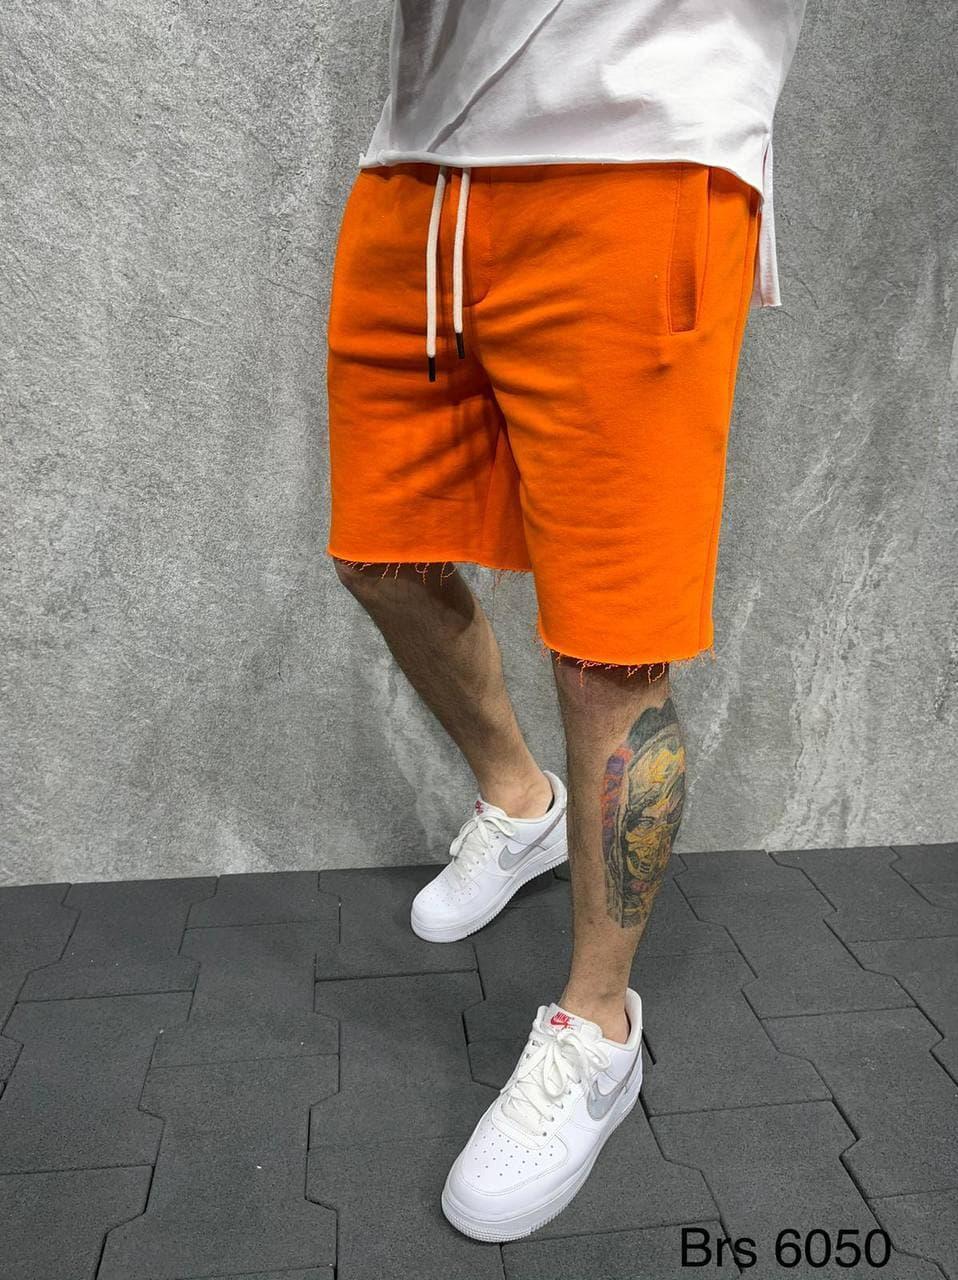 Чоловічі шорти однотонні з кишенями (помаранчеві) трикотажні вільного крою SH-6050